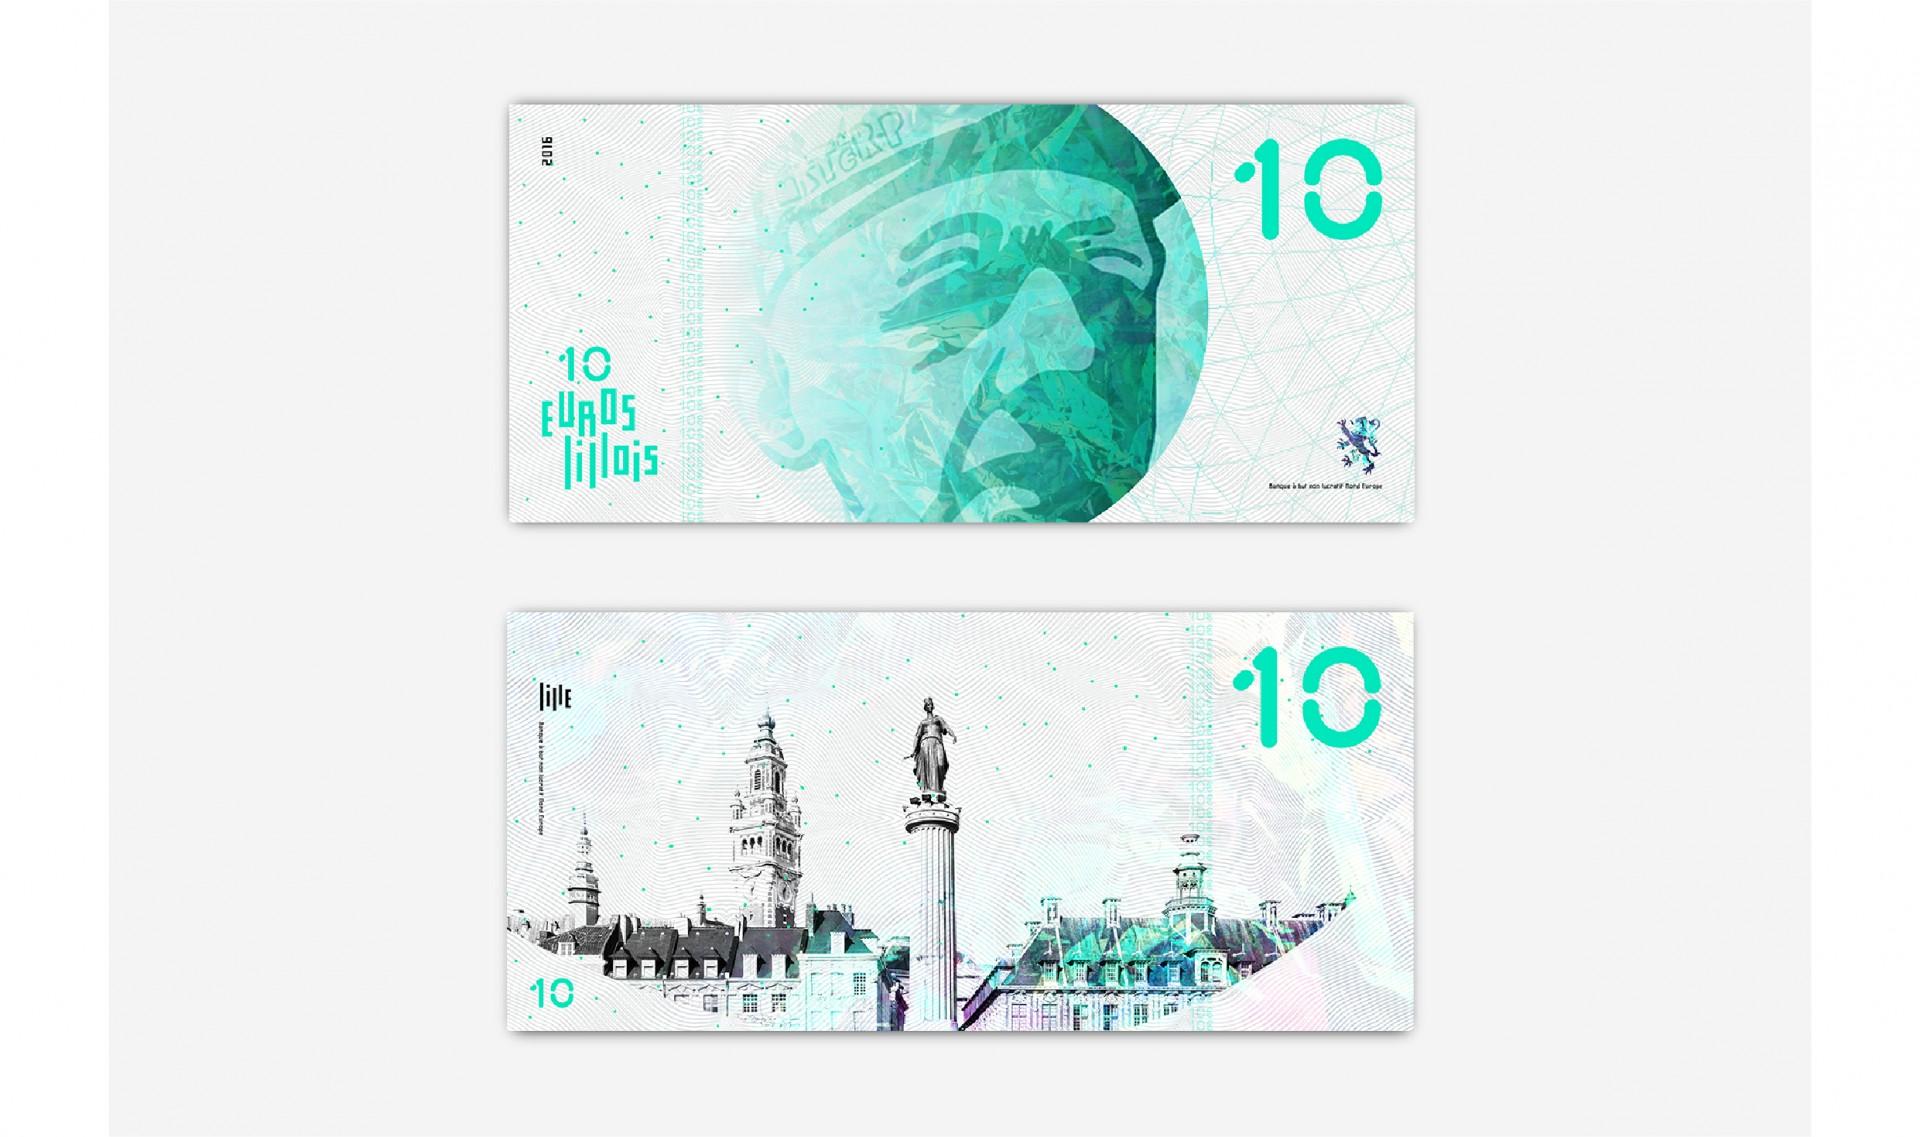 EUROS LILLOIS | BRANDING